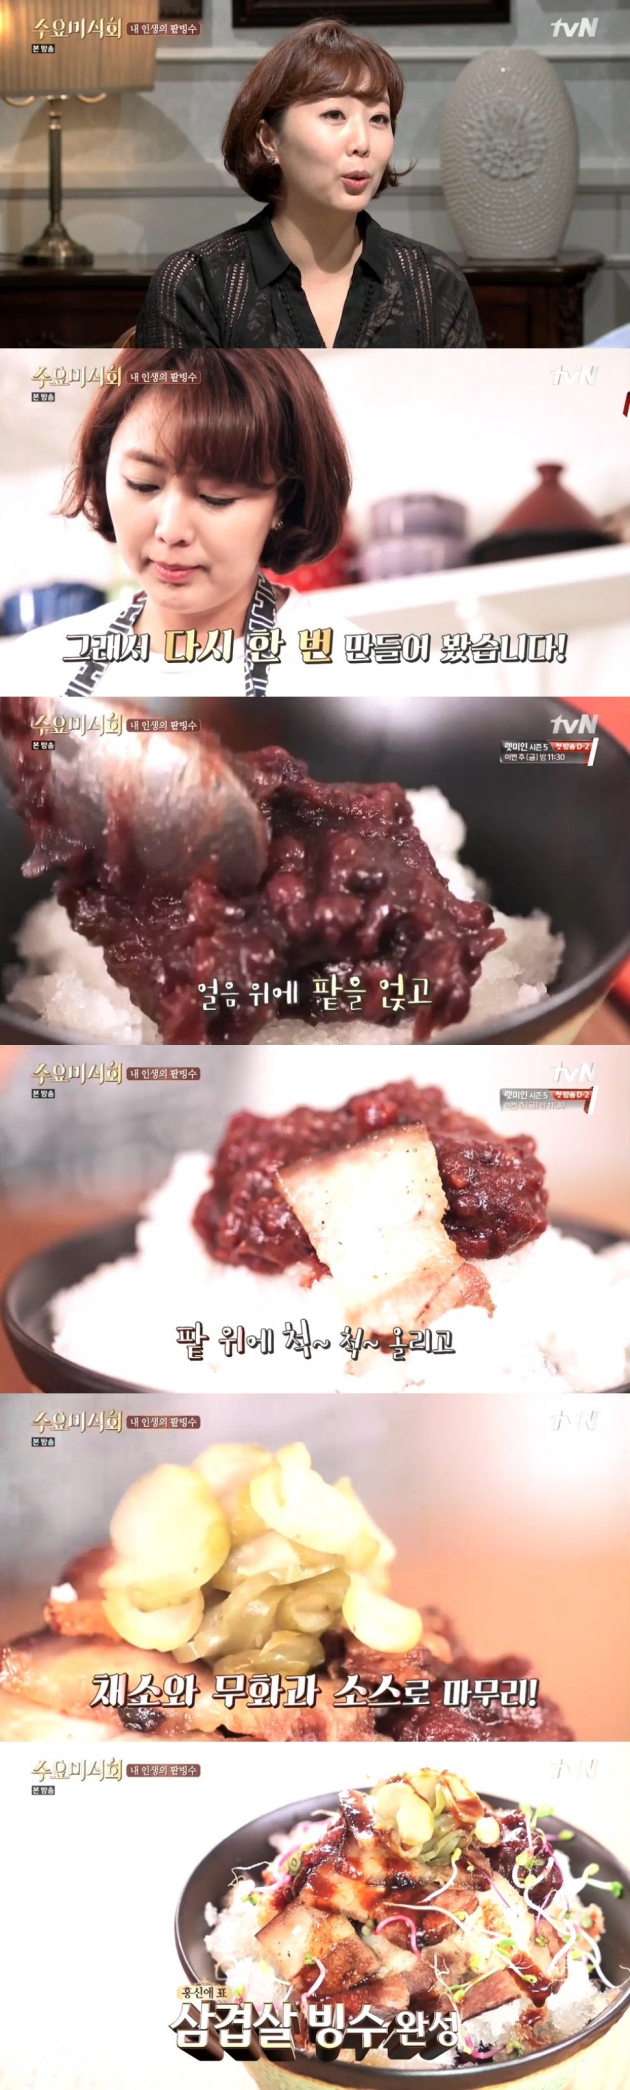 수요미식회 삼겹살 빙수 / 수요미식회 삼겹살 빙수 사진=tvN 방송 캡처